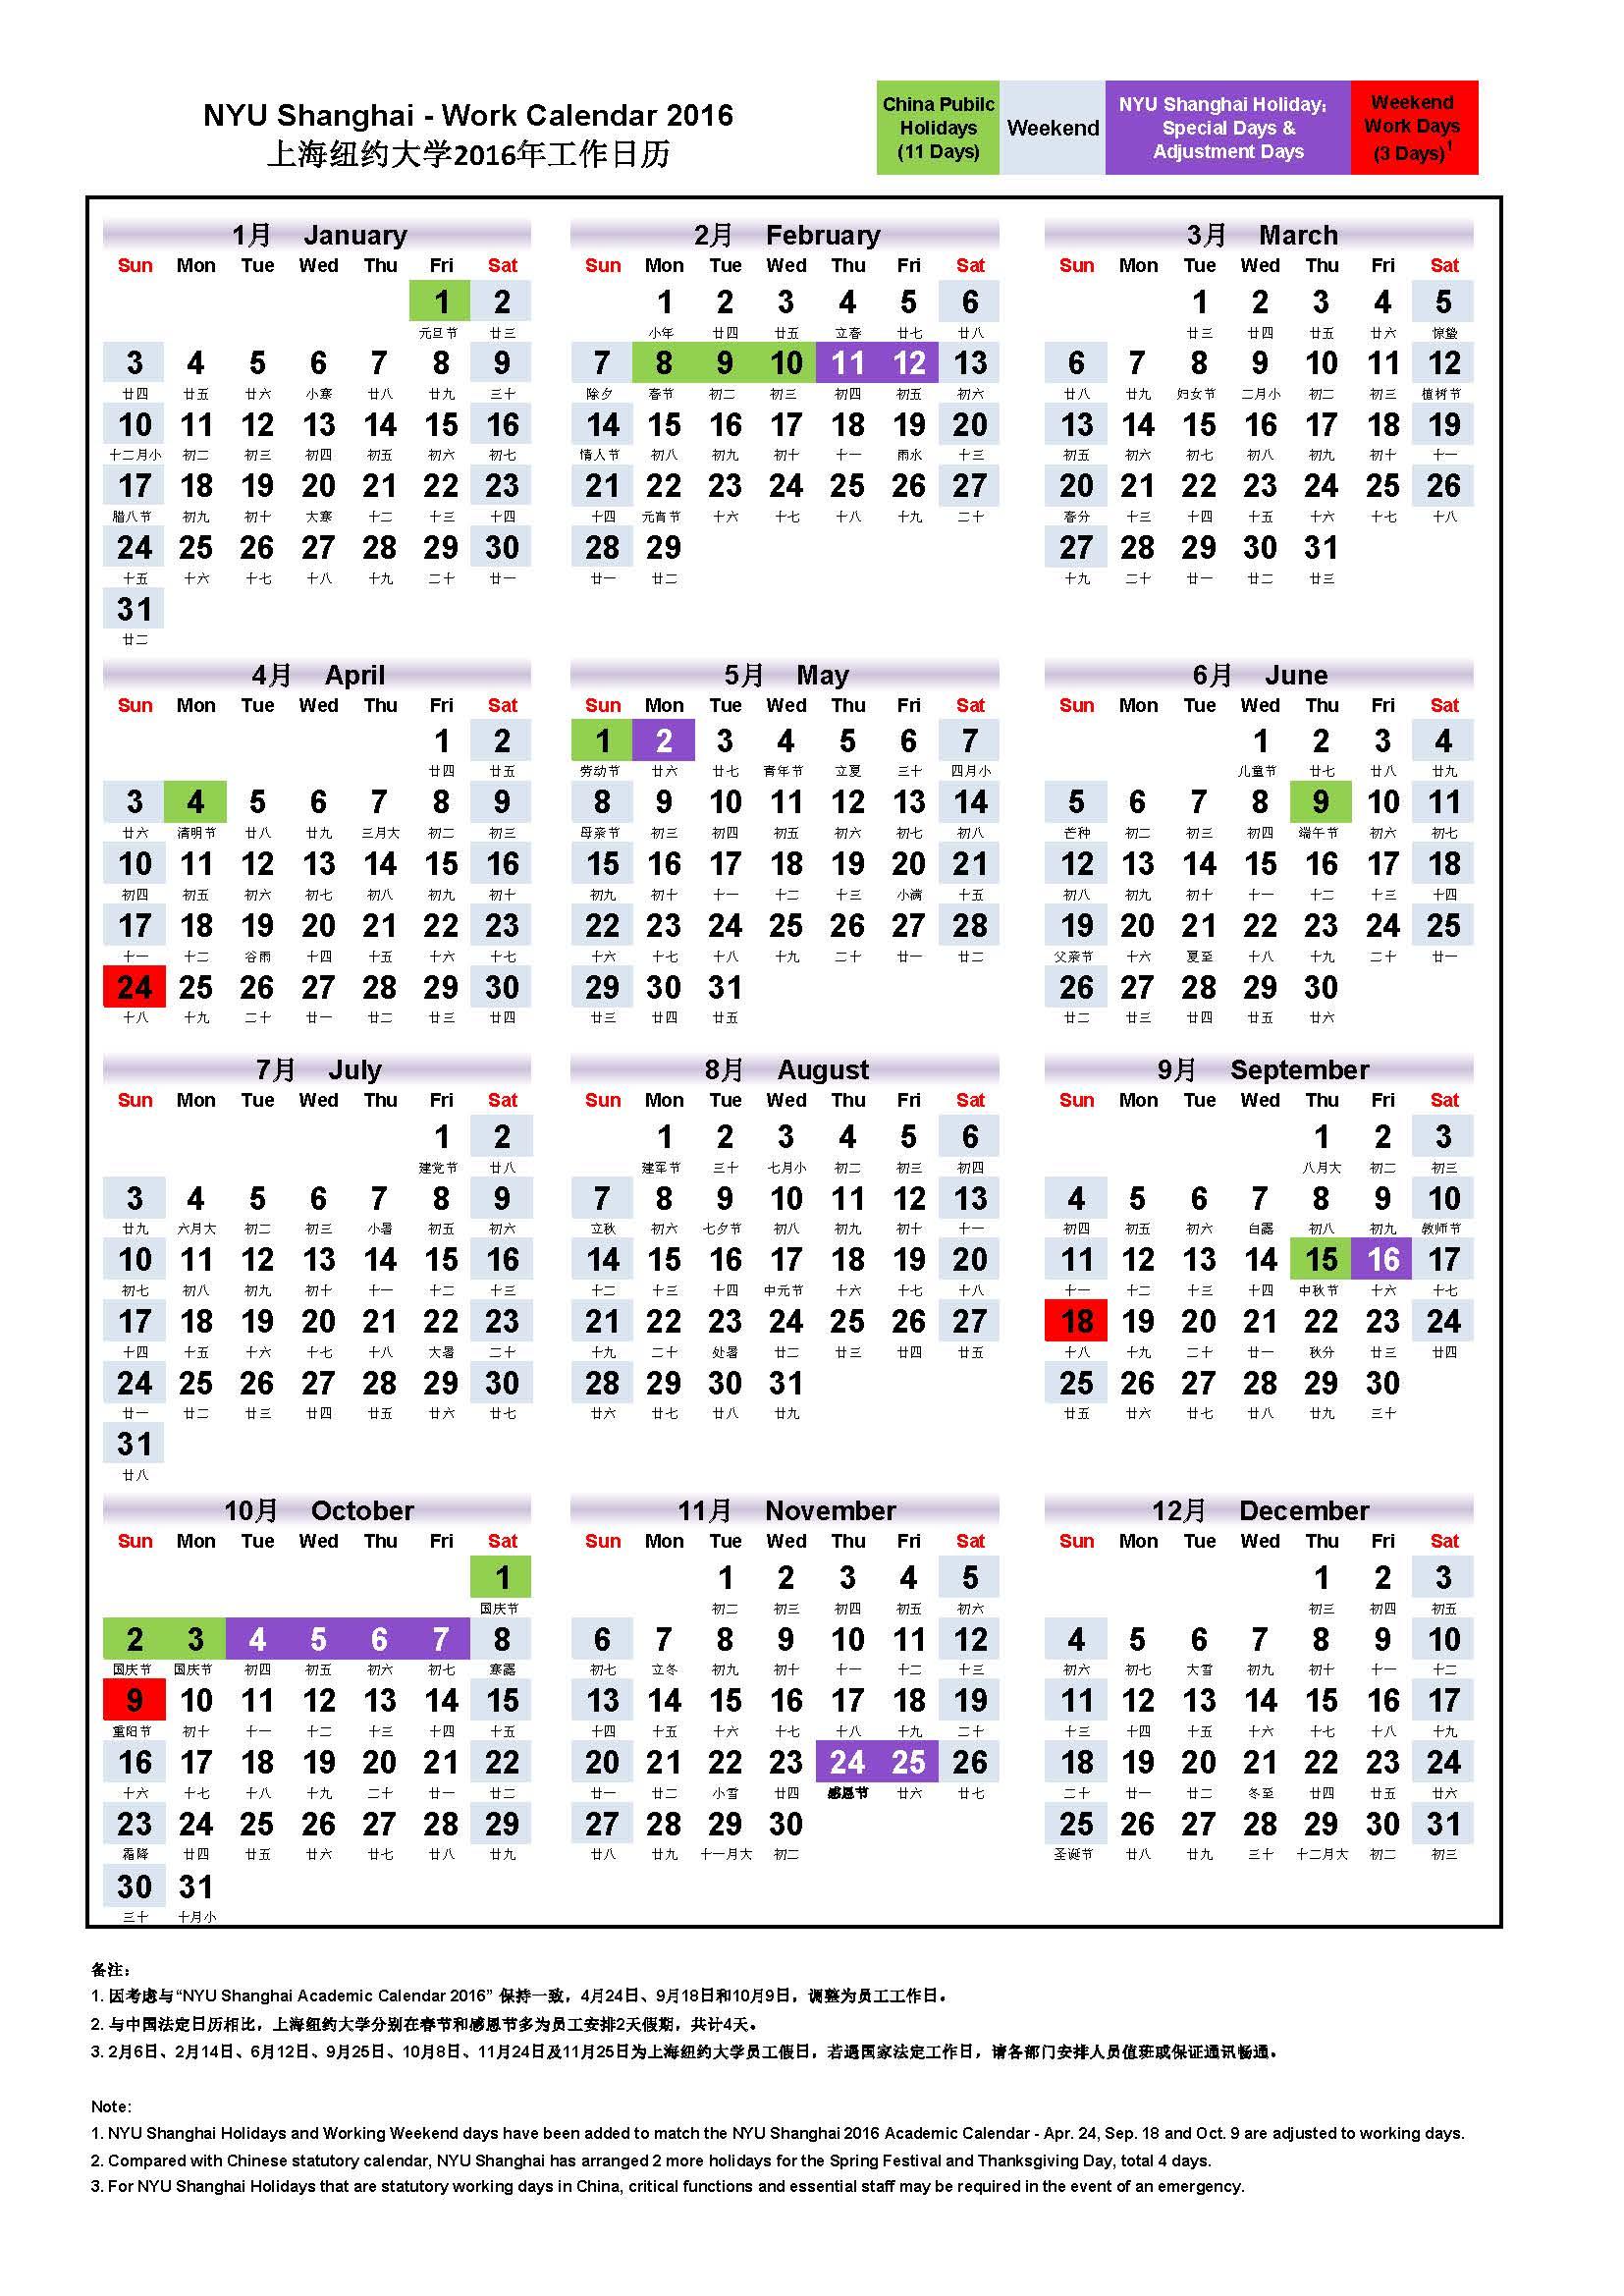 NYU Shanghai Work Calendar | NYU Shanghai